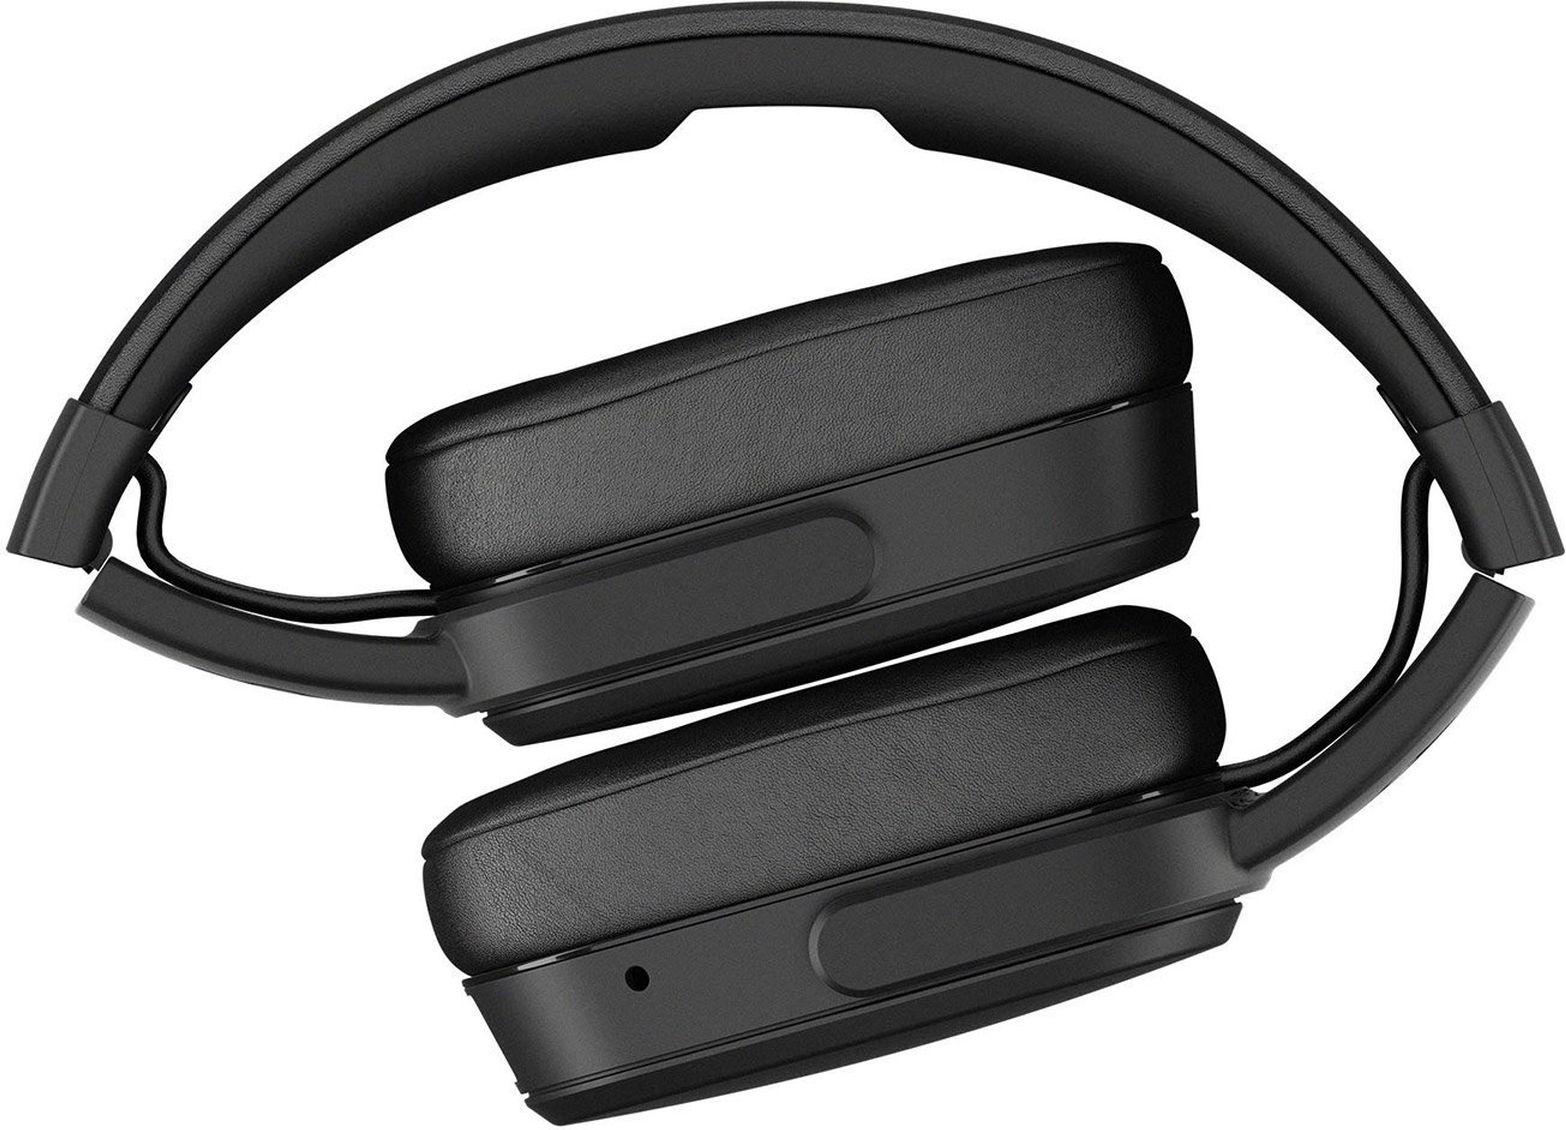 Skullcandy Uproar Wireless Headphones Black Grey Best Candy 2018 Circuit Diagram Glowing Mod Adafruit On Ear Digitec